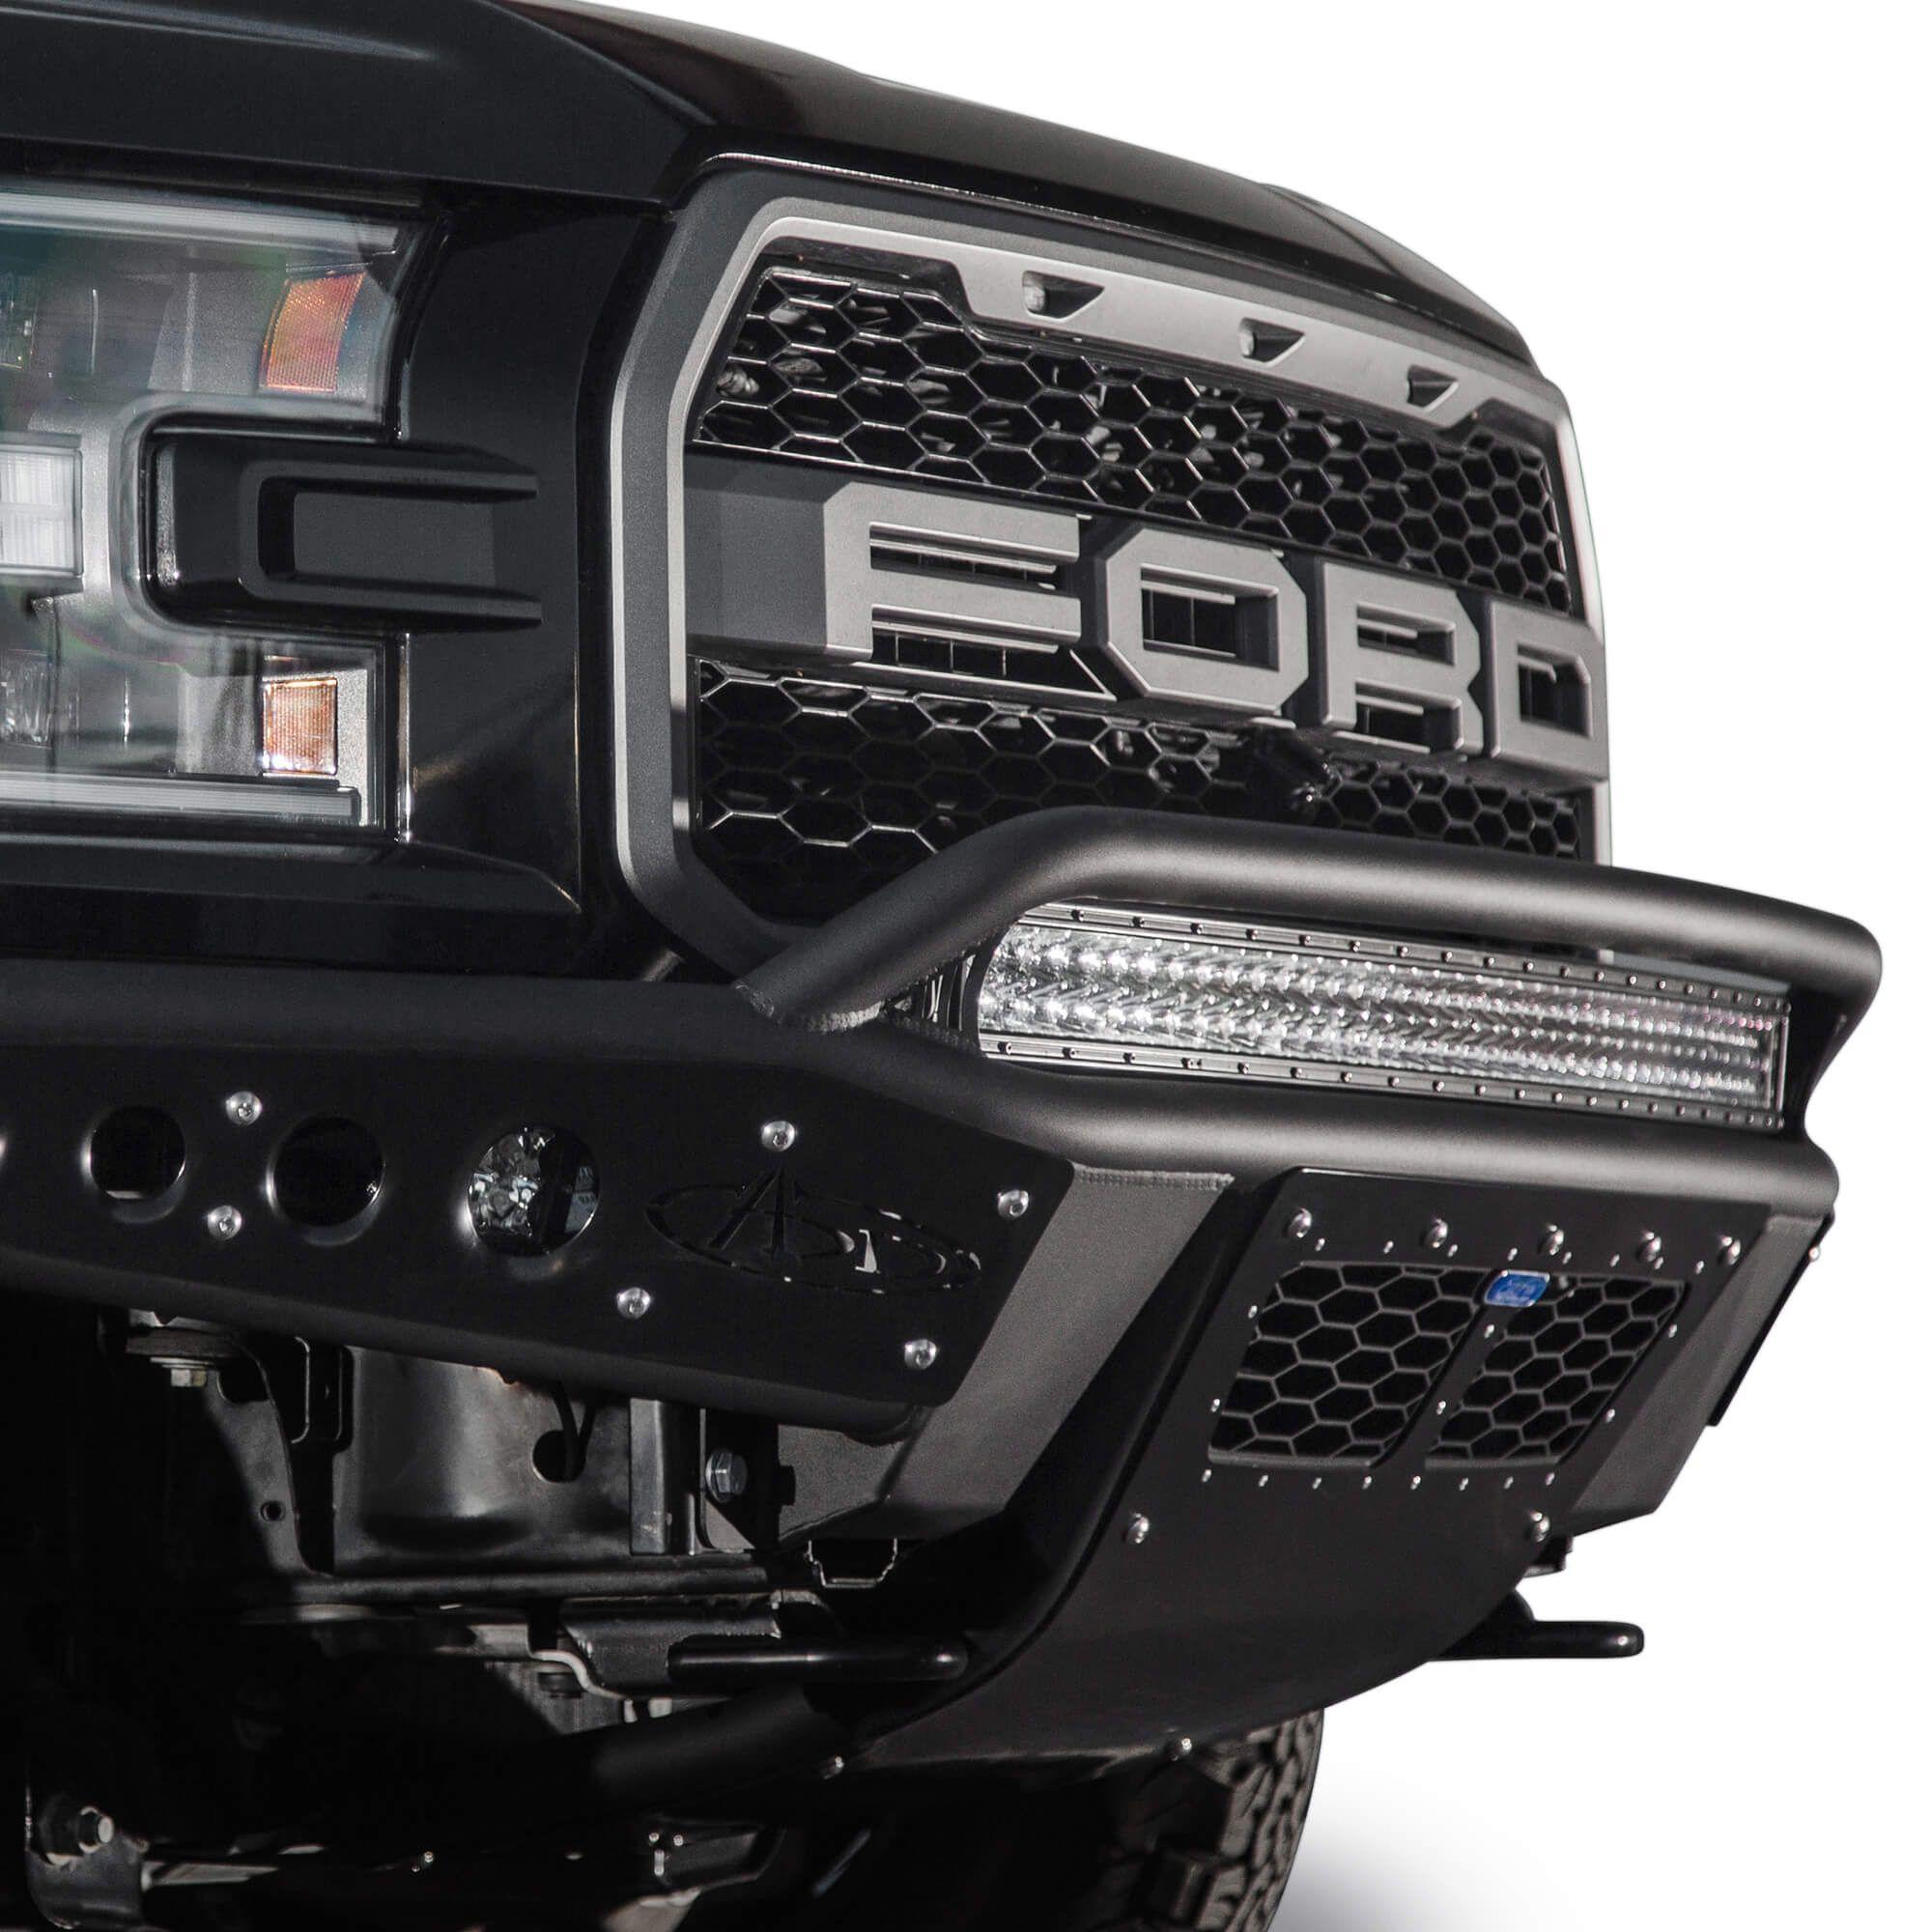 Add Stealth R Front Bumper Ford Raptor Ford Trucks Diesel Trucks